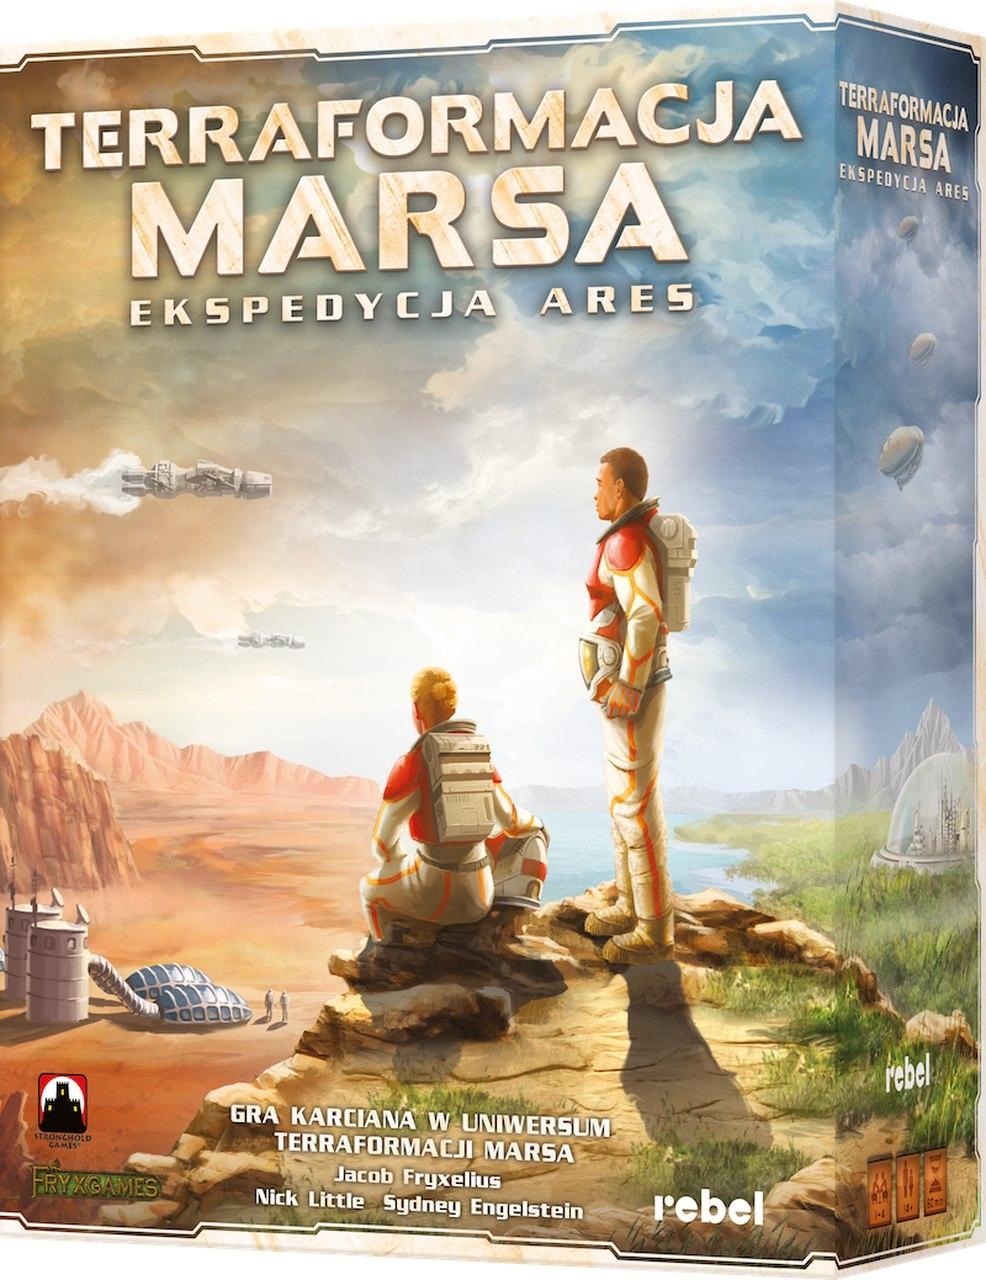 Terraformacja Marsa: Ekspedycja Ares (przedsprzedaż)